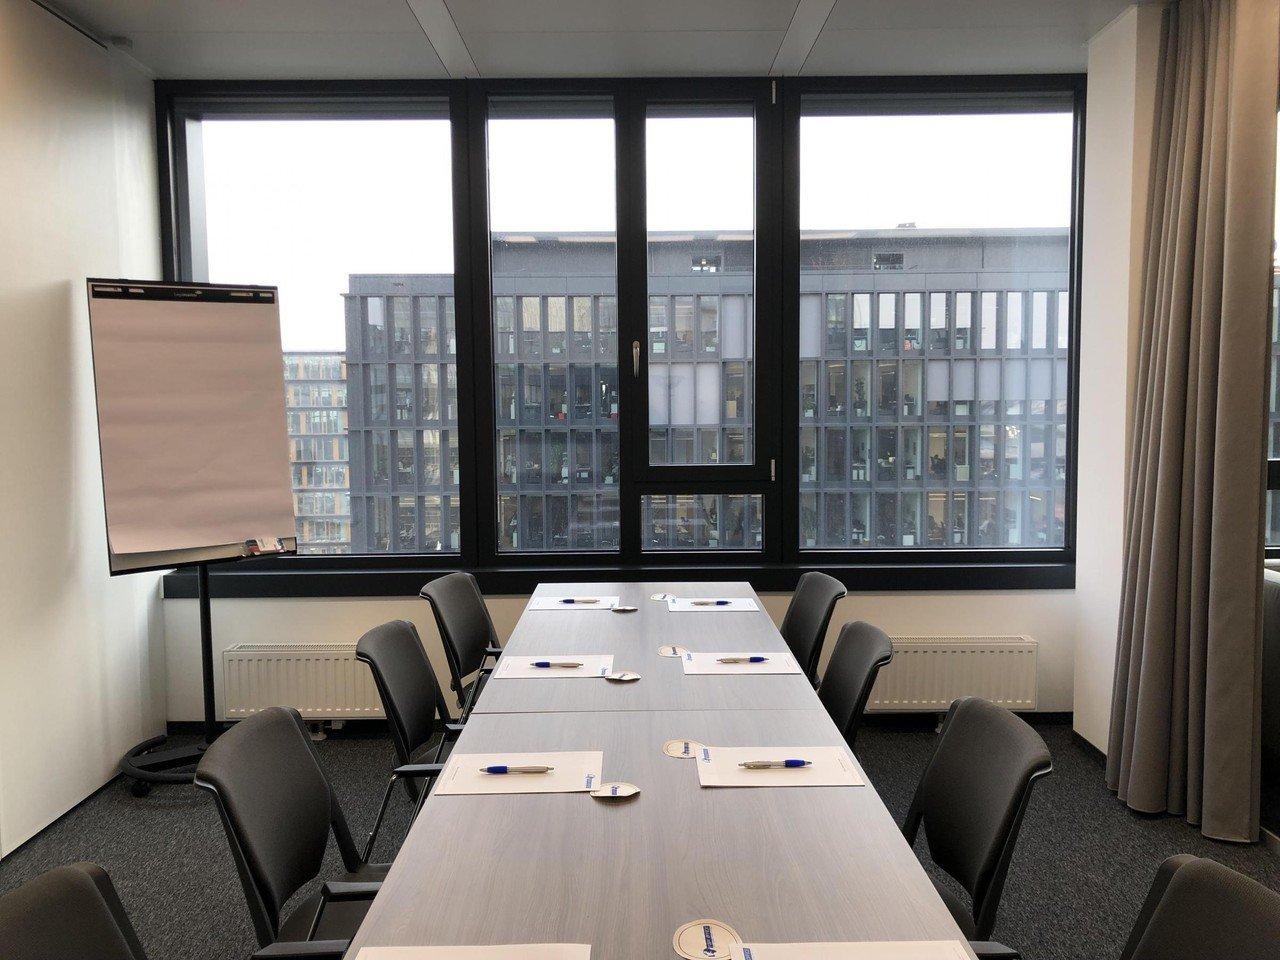 Vienna  Salle de réunion Your Office - Belvedere West image 0